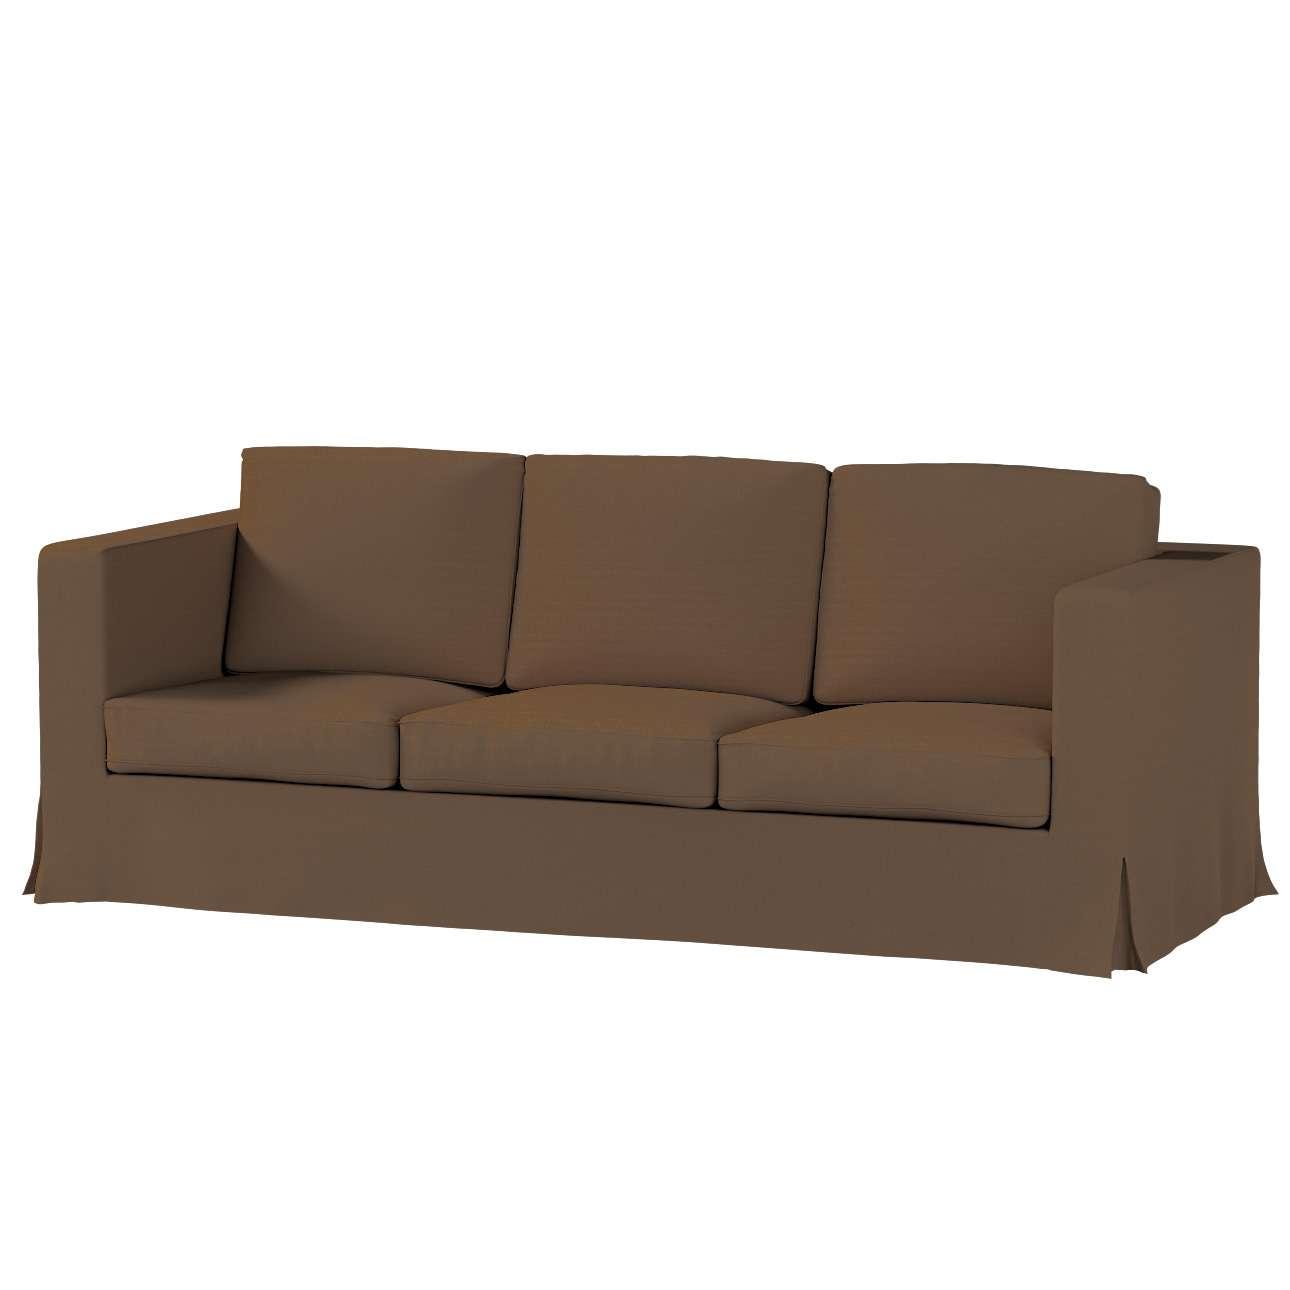 KARLANDA trivietės sofos iki žemės užvalkalas KARLANDA trivietės sofos iki žemės užvalkalas kolekcijoje Cotton Panama, audinys: 702-02